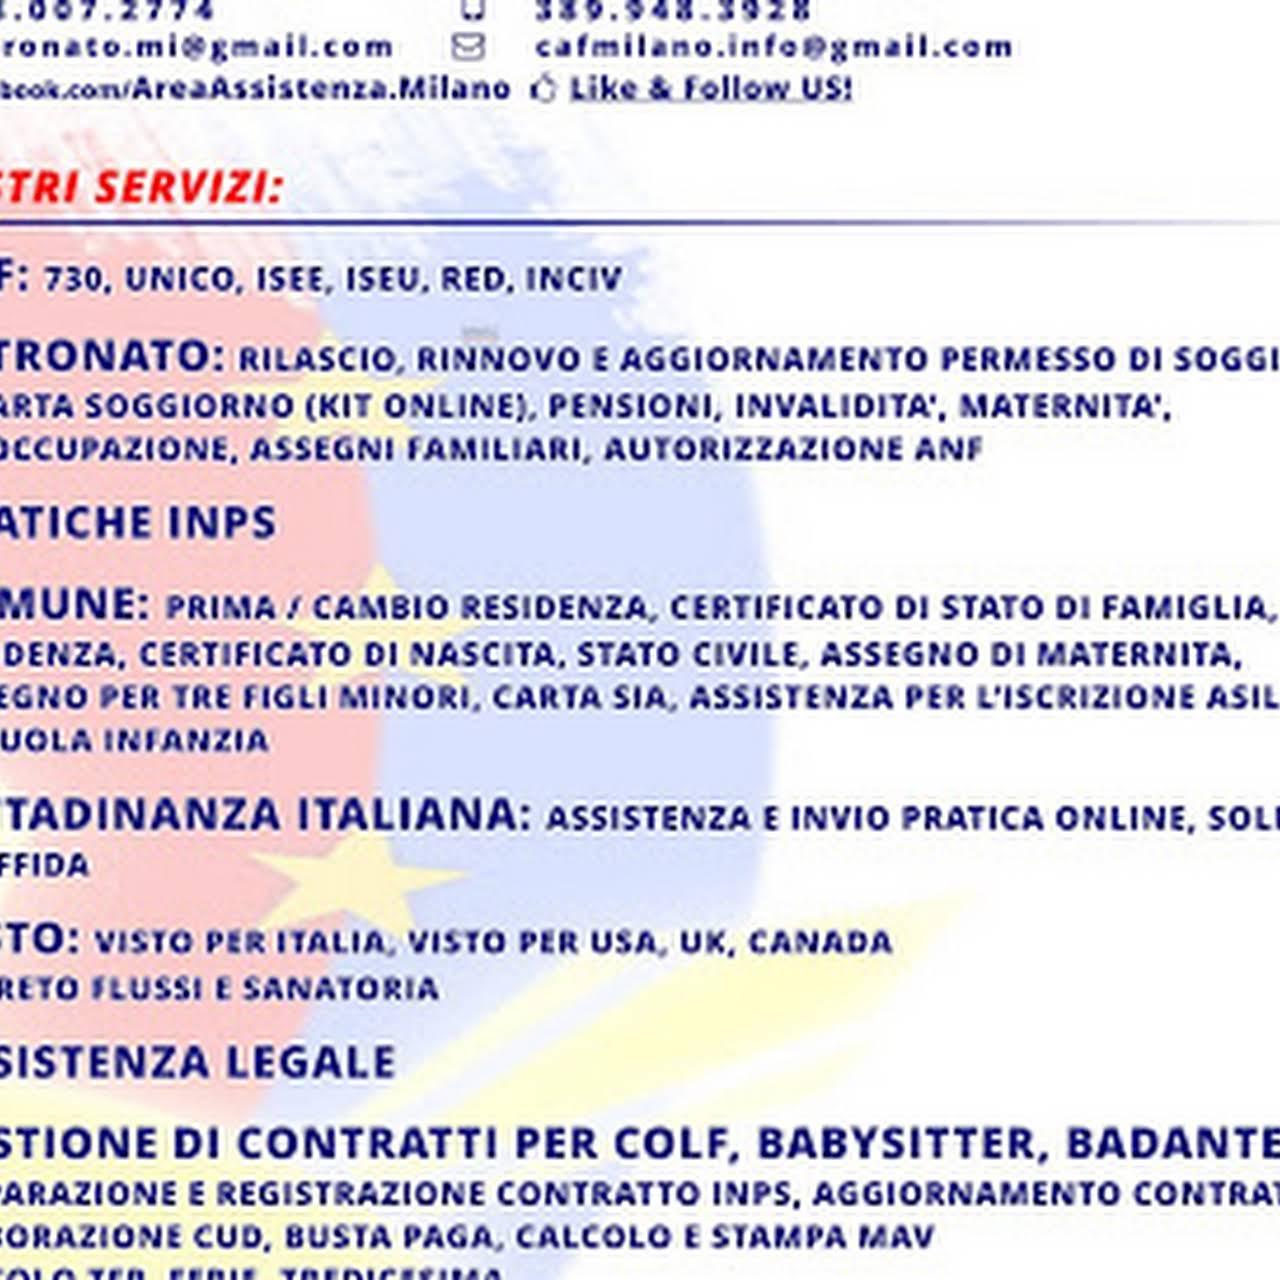 DOMINA - Area Assistenza Milano - CAF - PATRONATO - GESTIONE COLF